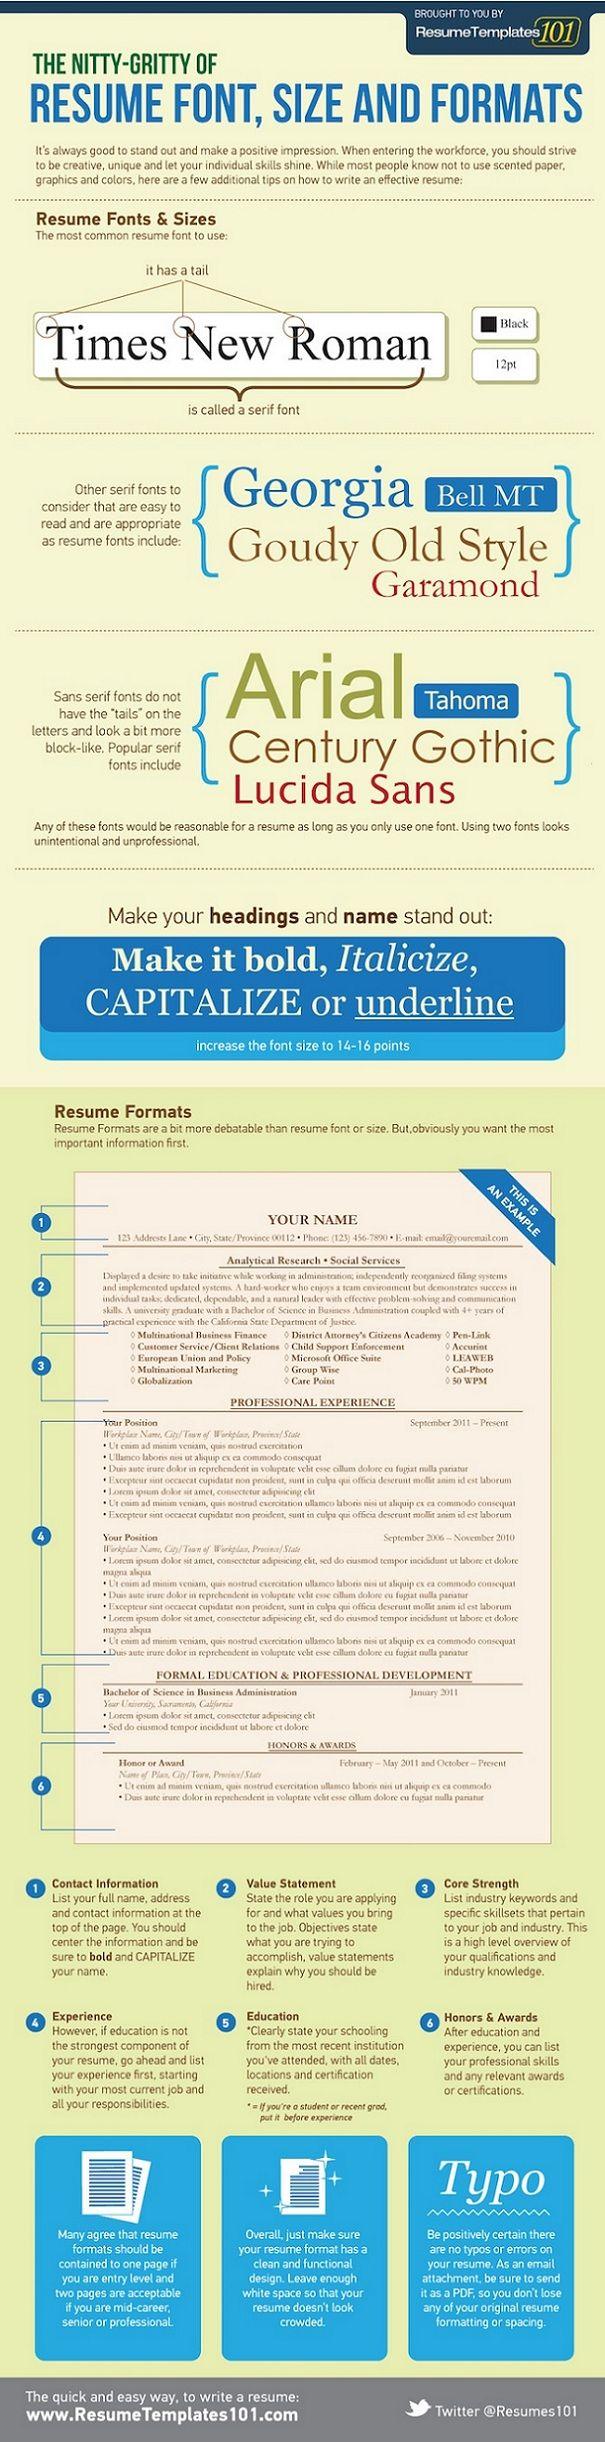 2015'in en iyi infografikleri! ResumeTemplates101.com tarafından hazırlanan ve özgeçmiş formatı ile ilgili bilgiler veren bu infografik, oldukça özenle hazırlanan bir CV gibi… #infografik #iş #resume #özgeçmiş #business #font #formak #infographic #tips